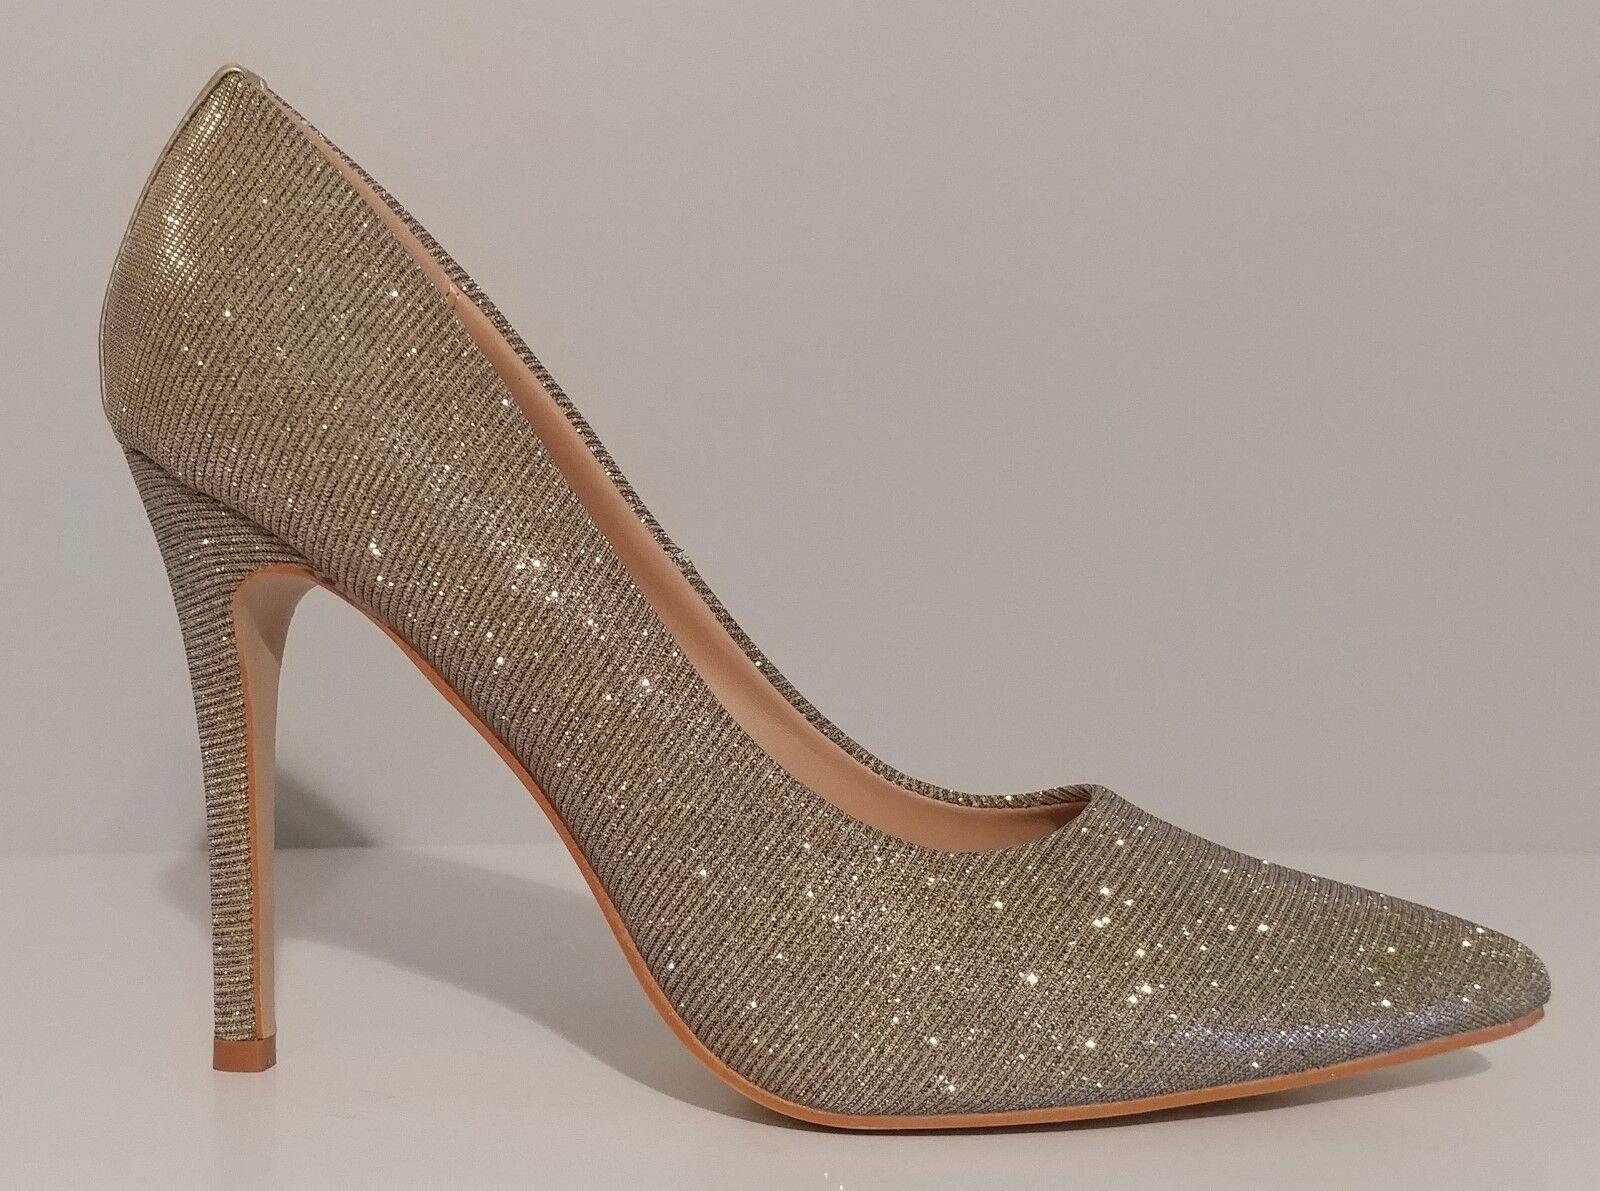 NEW Glaze Gold Champagne Classic Pumps 4    Heels Größe 8M US 38M EUR d1e4a8